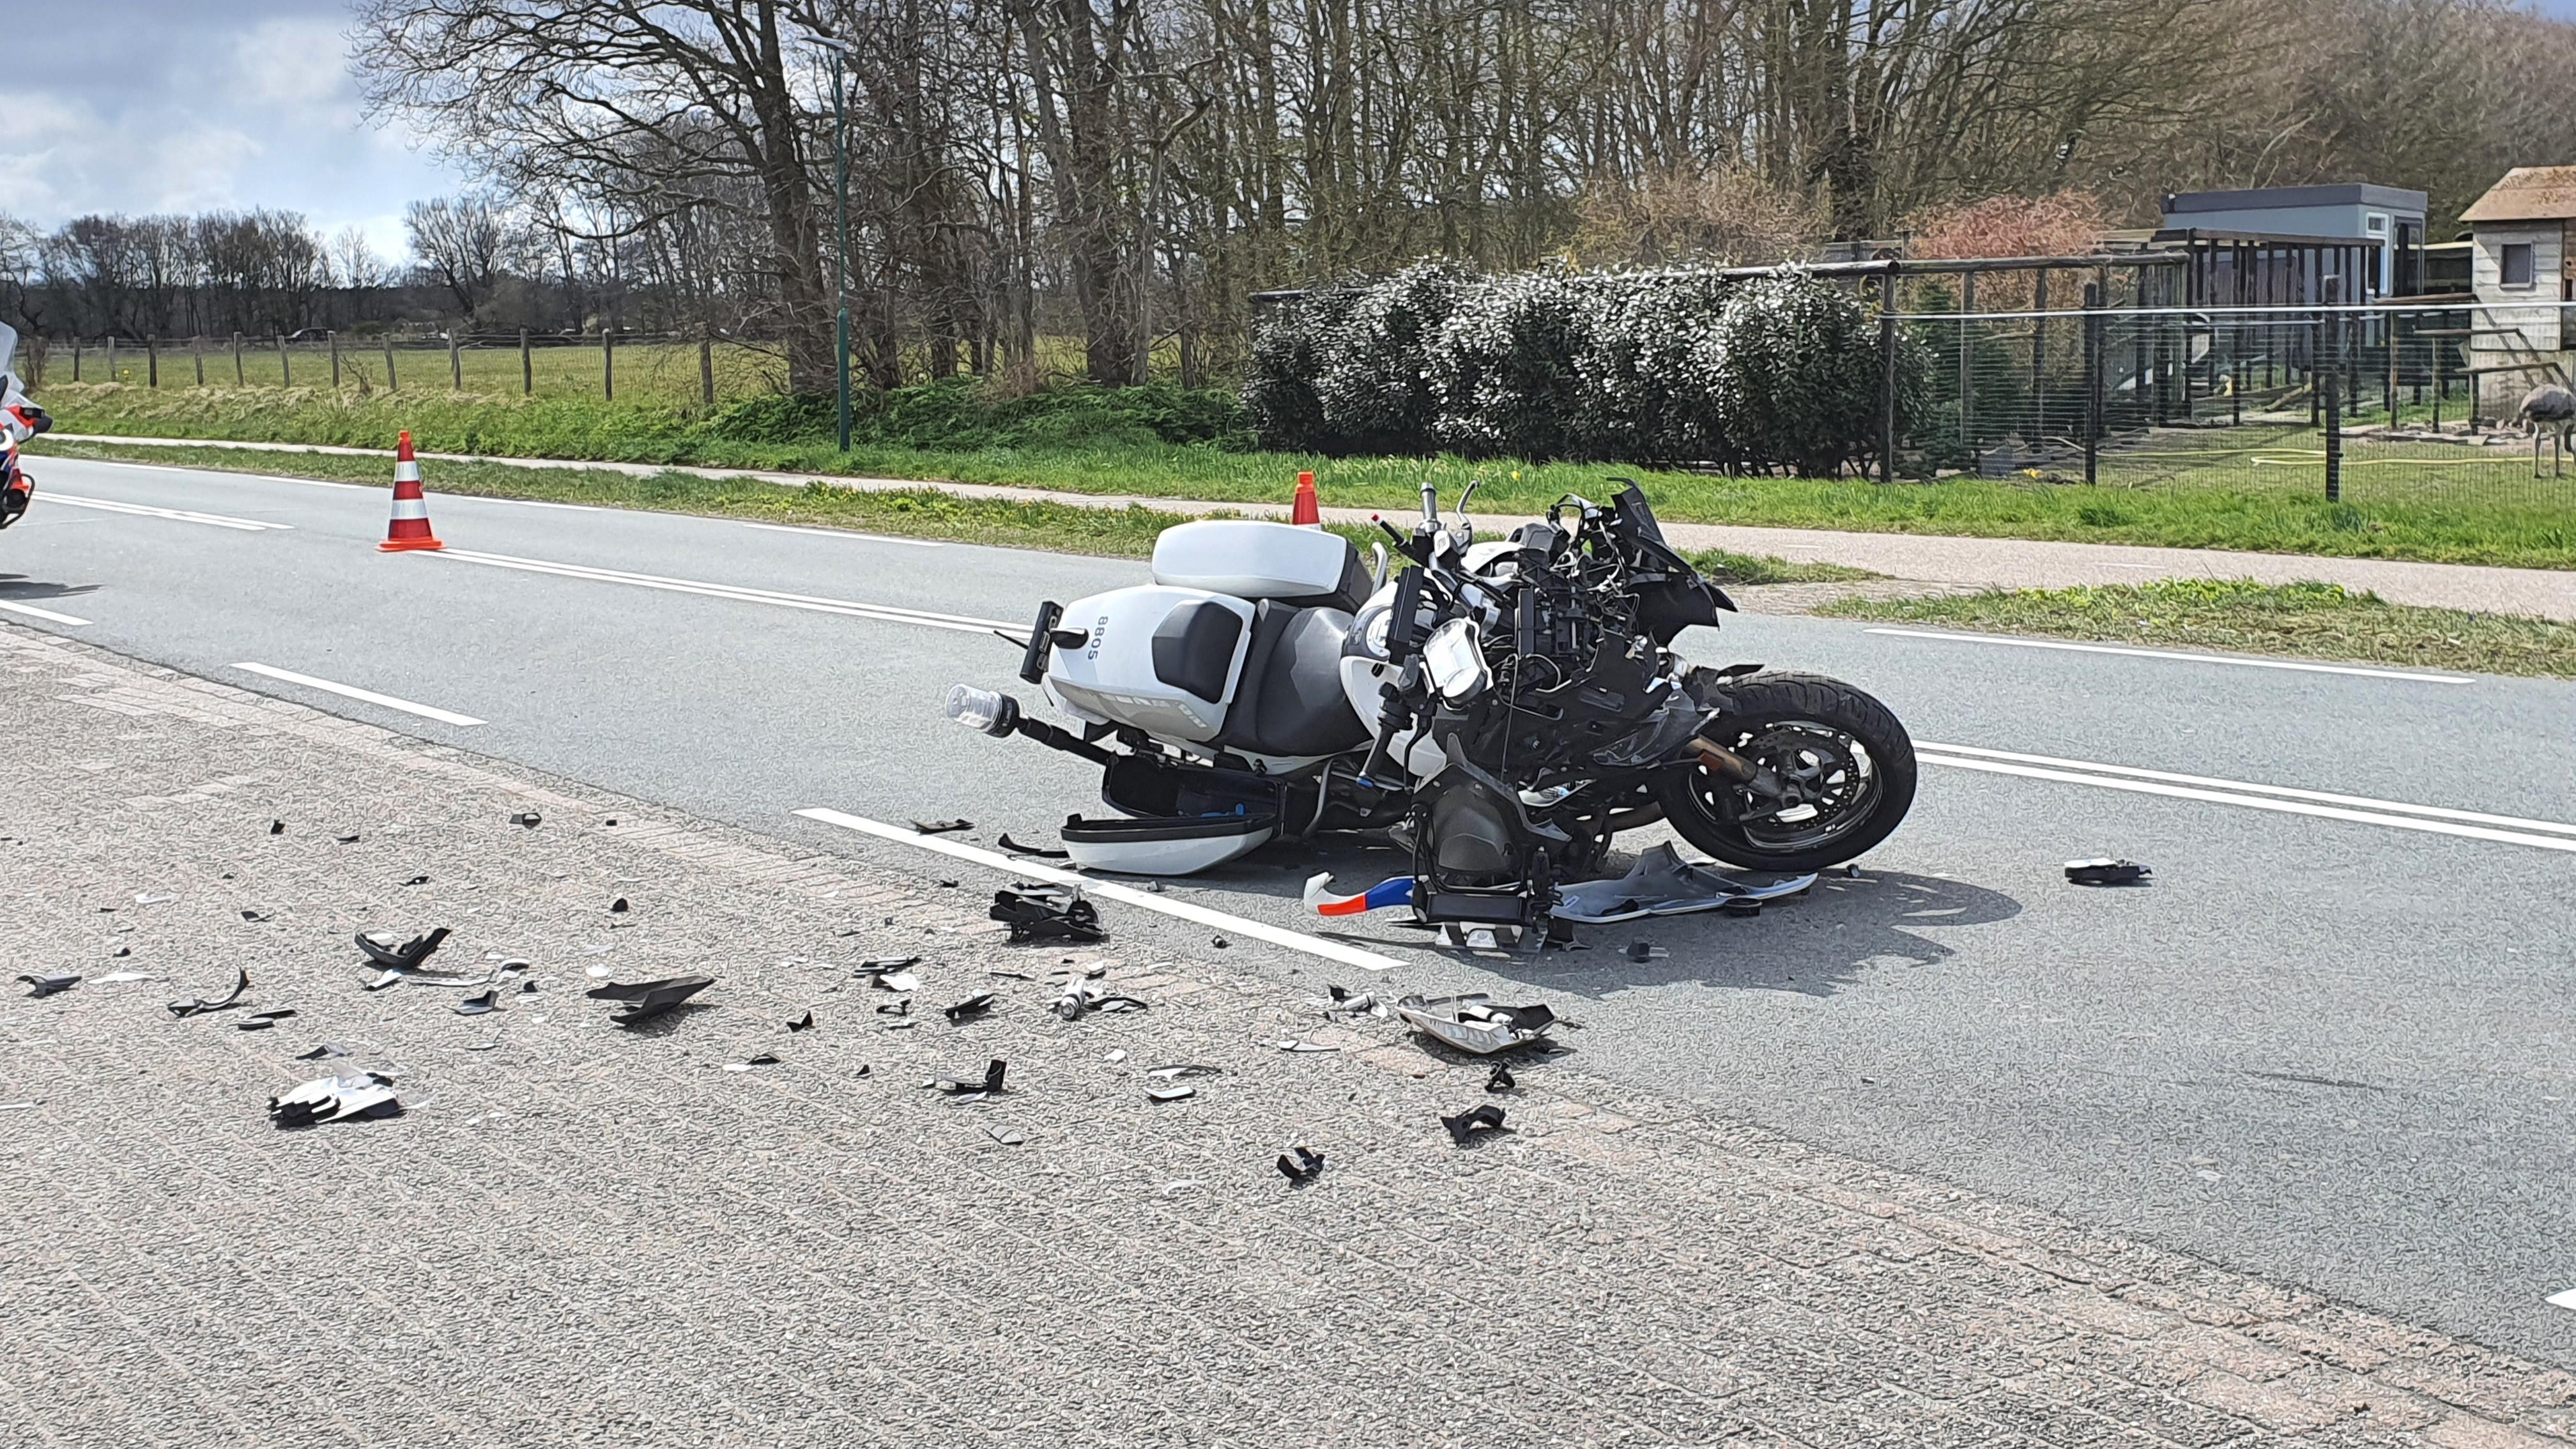 Politiemotor zwaar beschadigd door botsing met trekker in Egmond-Binnen